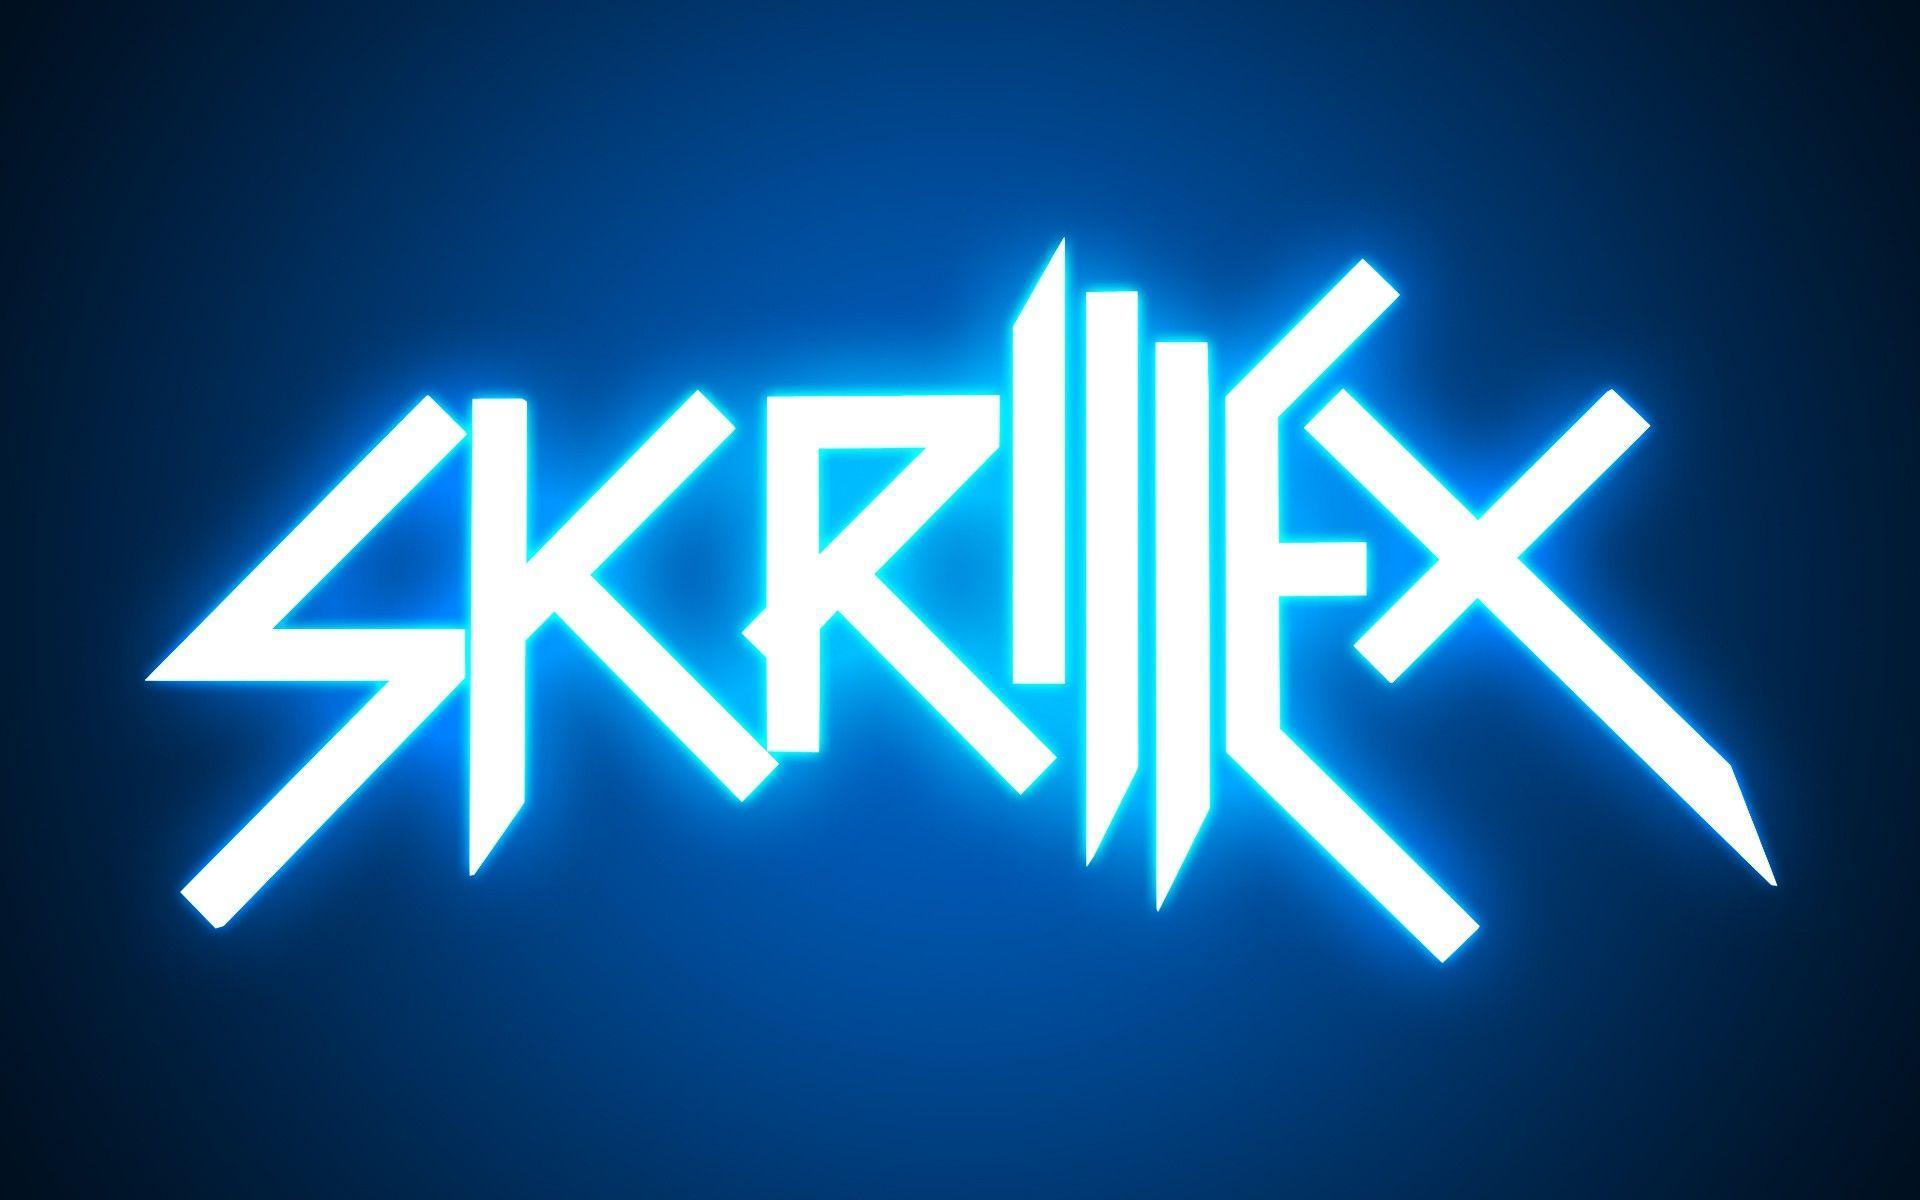 Neon Skrillex Wallpaper 46661 1920x1200 Px HDWallSource